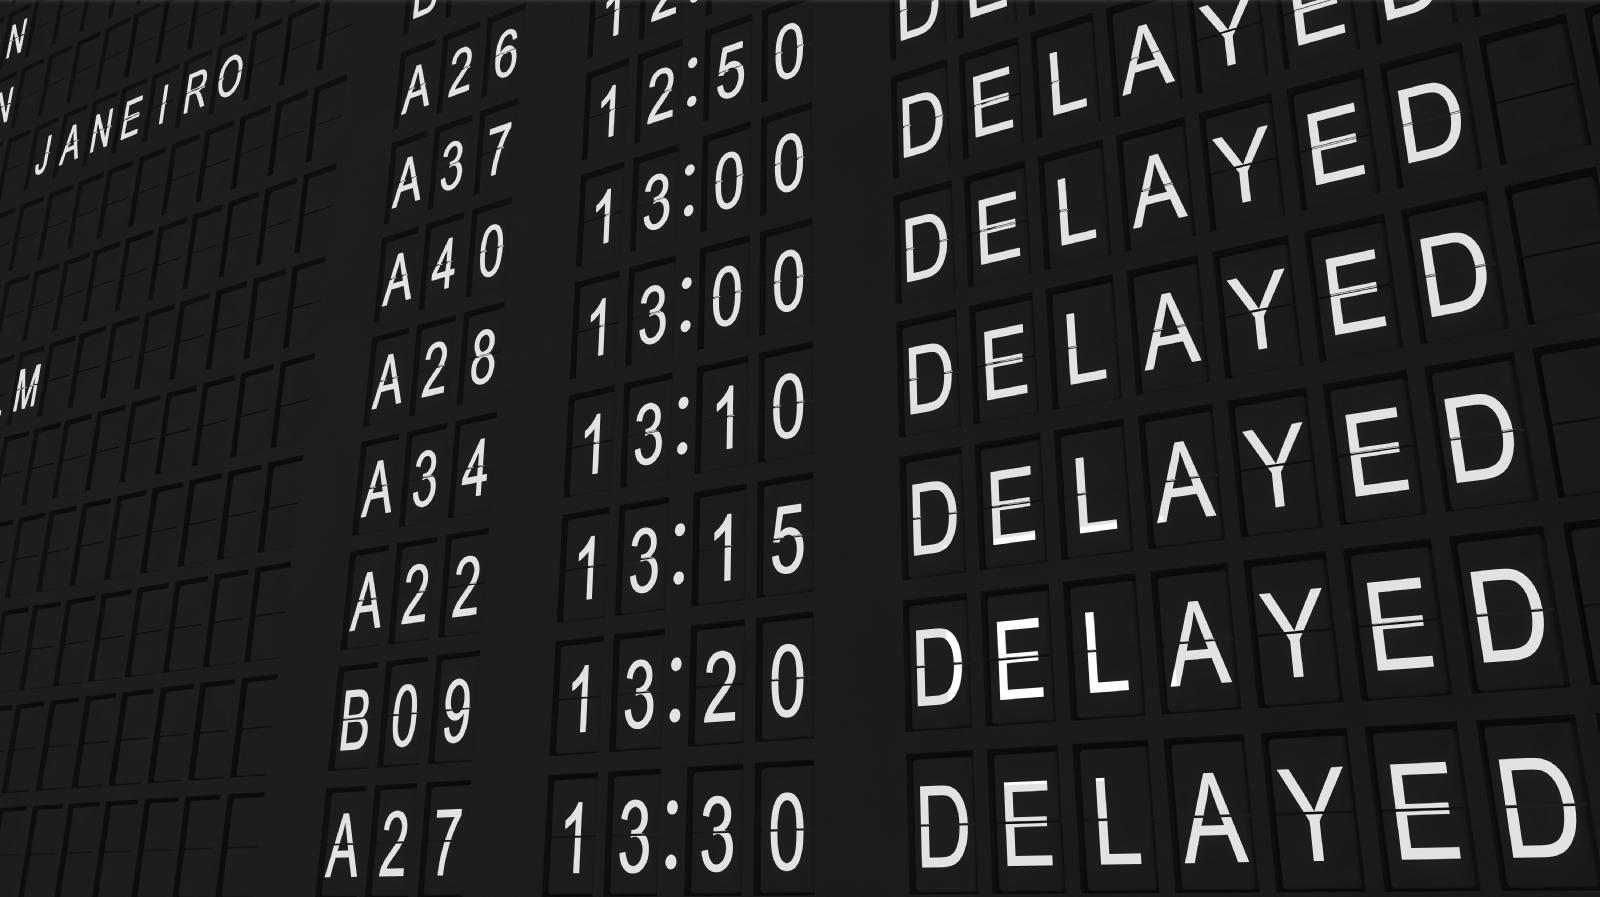 vuelo_retrasado_el_reclama_vuelos